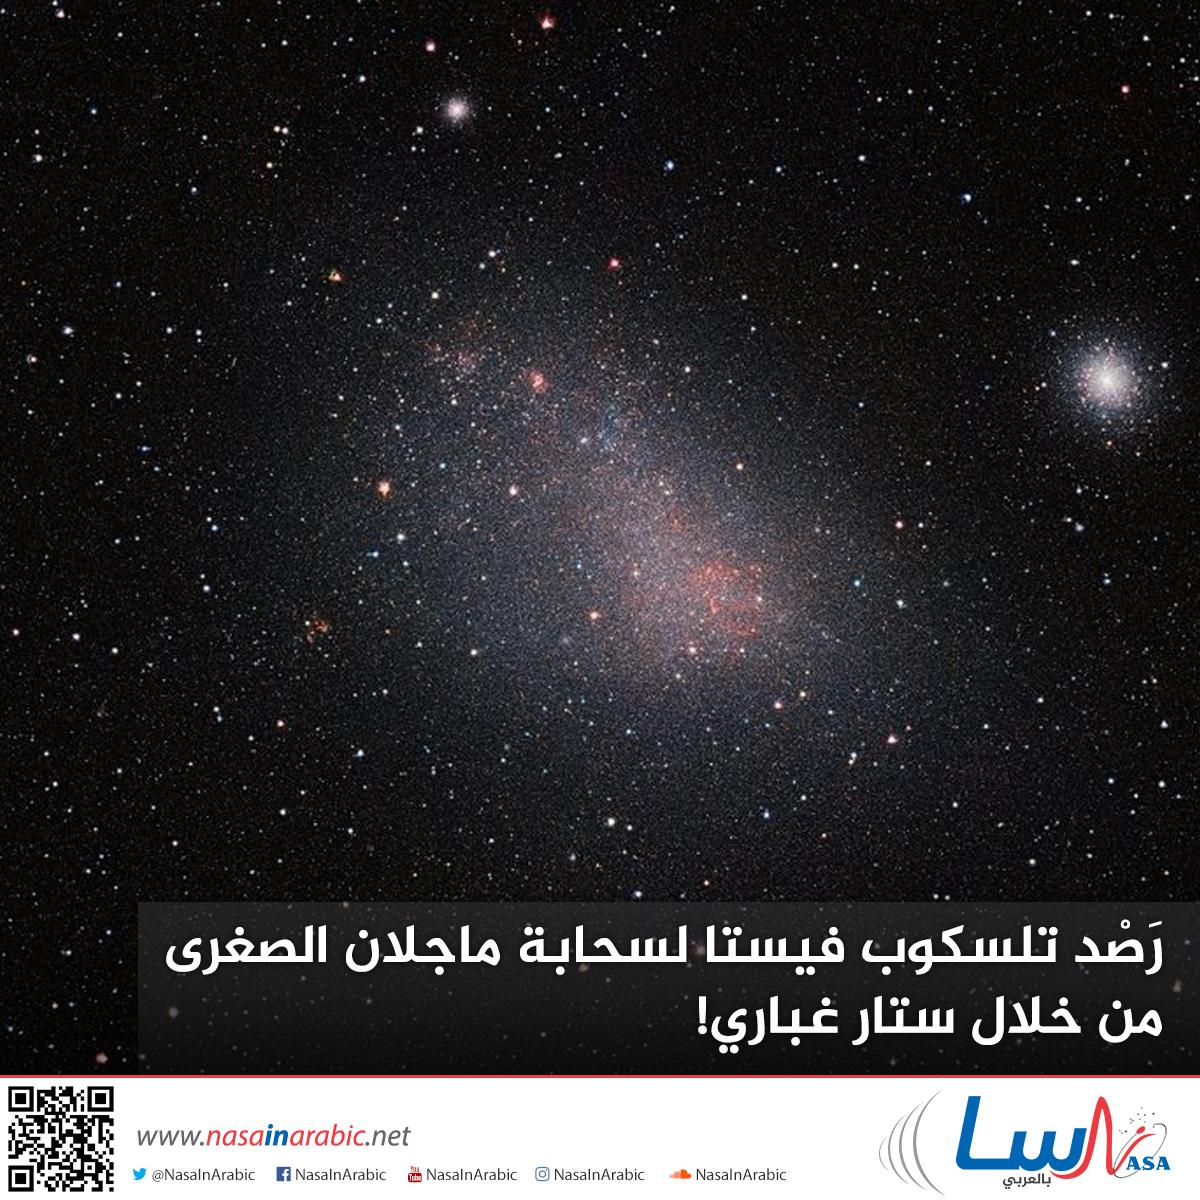 رَصْد تلسكوب فيستا لسحابة ماجلان الصغرى من خلال ستار غباري!